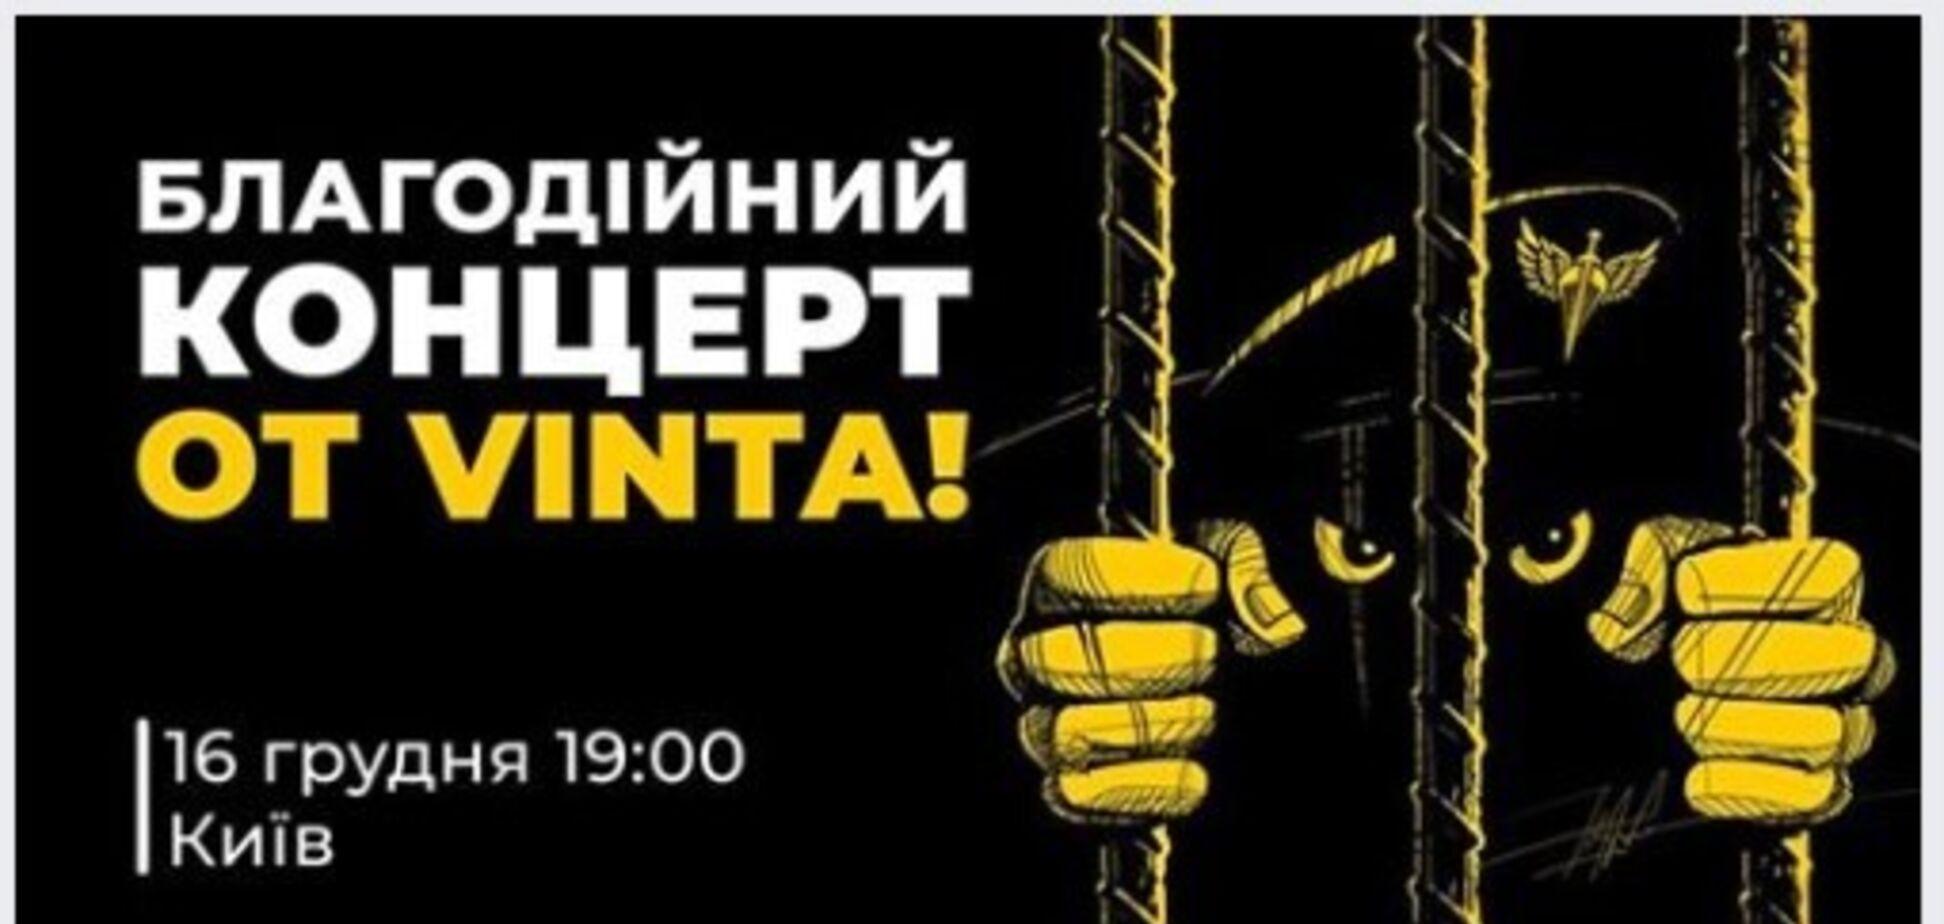 Свободу Дмитрию Марченко: в Киеве состоится благотворительный концерт 'Ot Vinta'